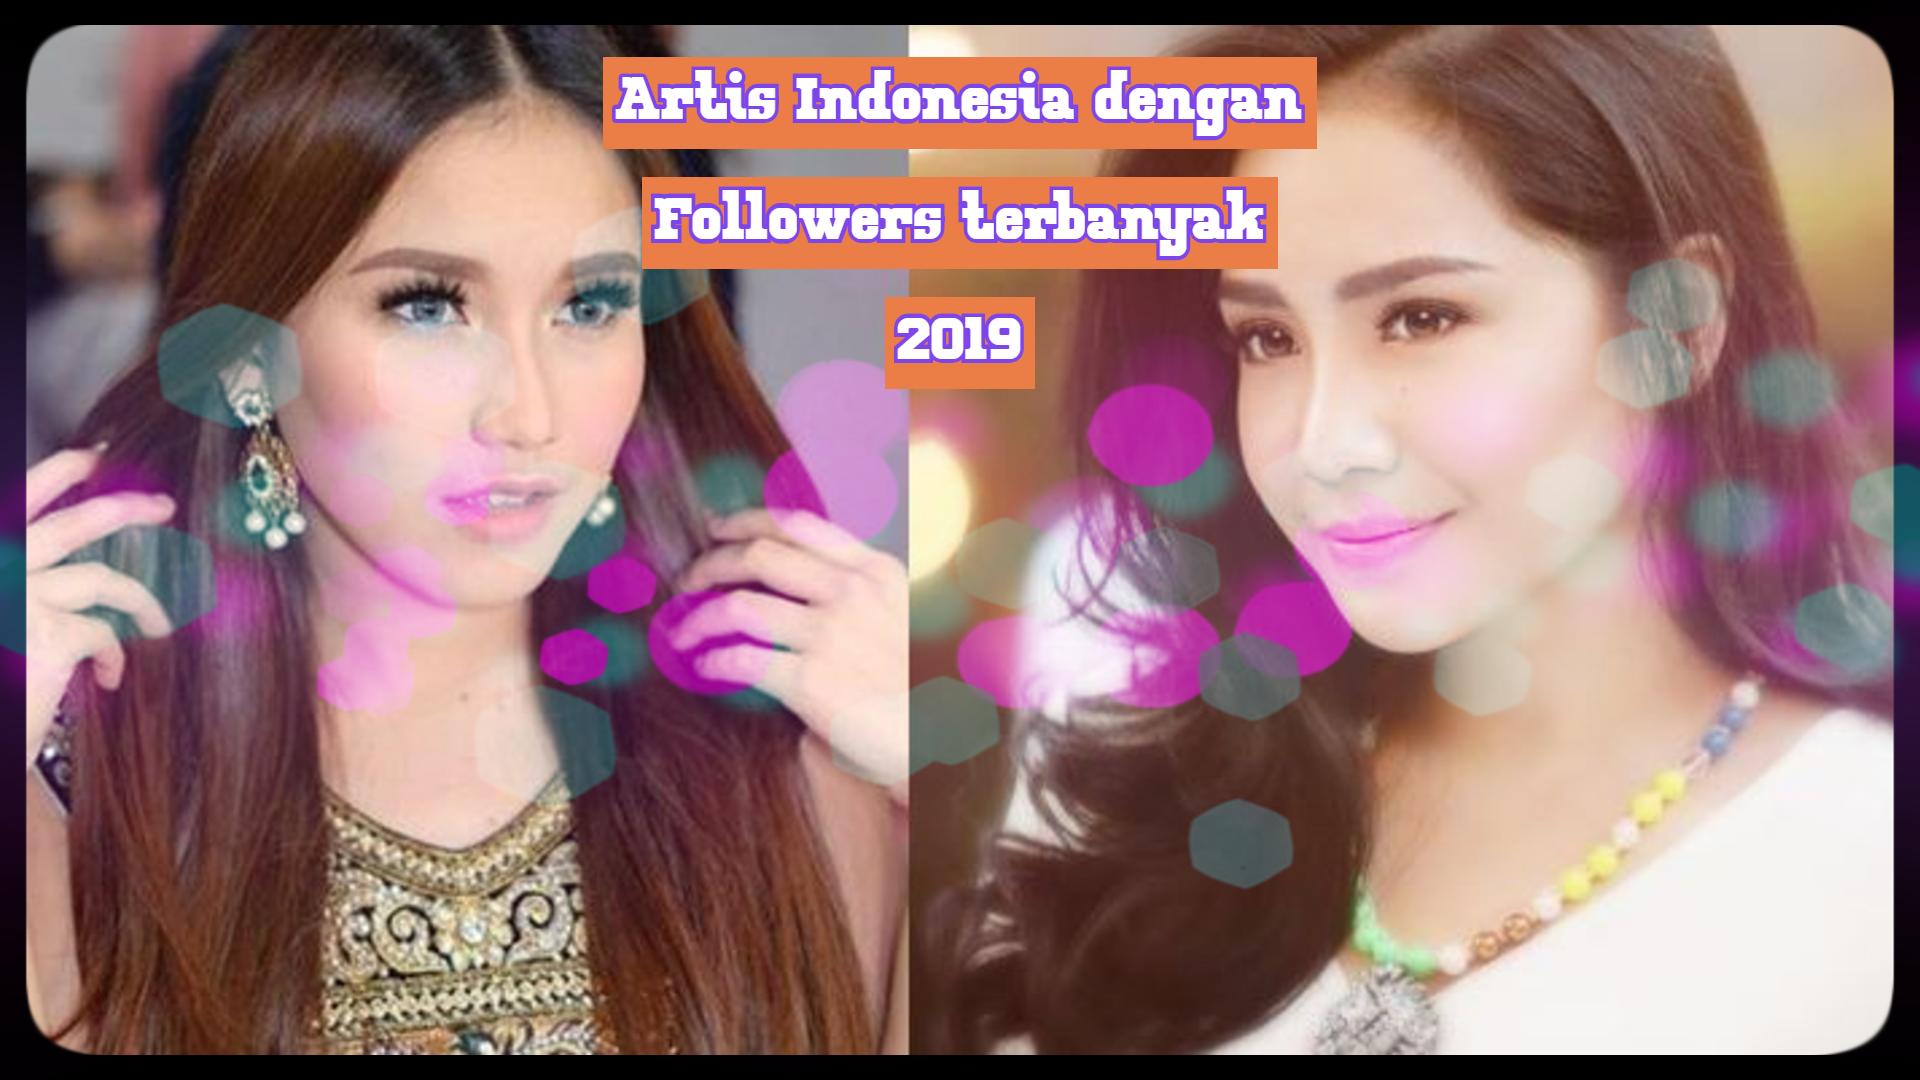 Siapa Artis Indonesia dengan Followers Terbanyak 2019_